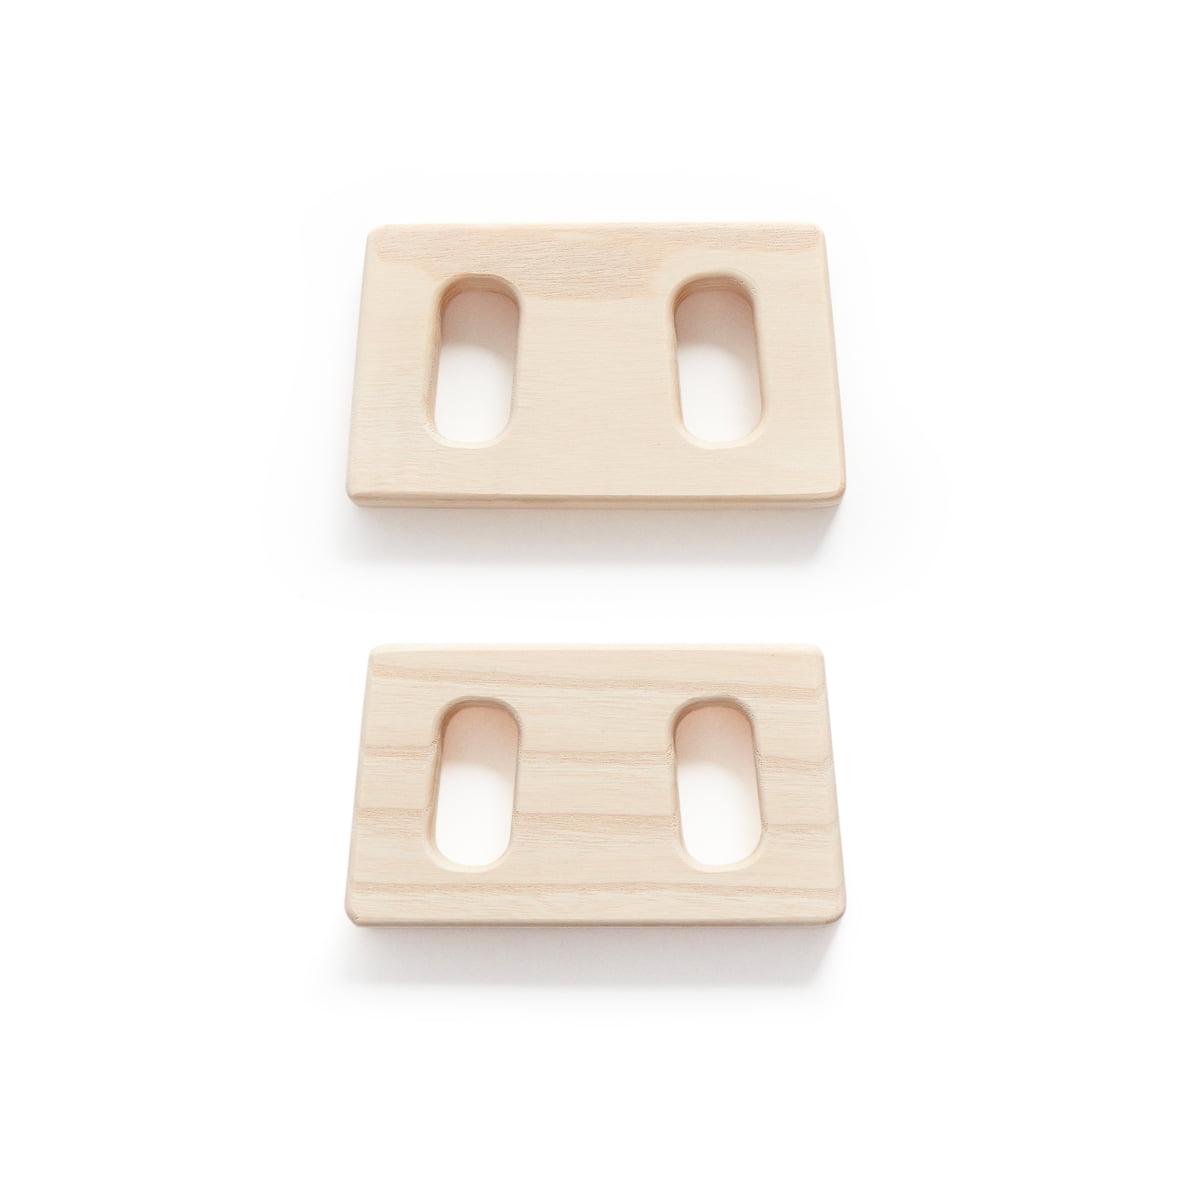 Andersen Furniture - Verbindungsstücke zum Kleiderständer, Esche (2er-Set) | Flur & Diele > Garderoben > Garderobenständer | Esche natur | Eschenholz | Andersen Furniture